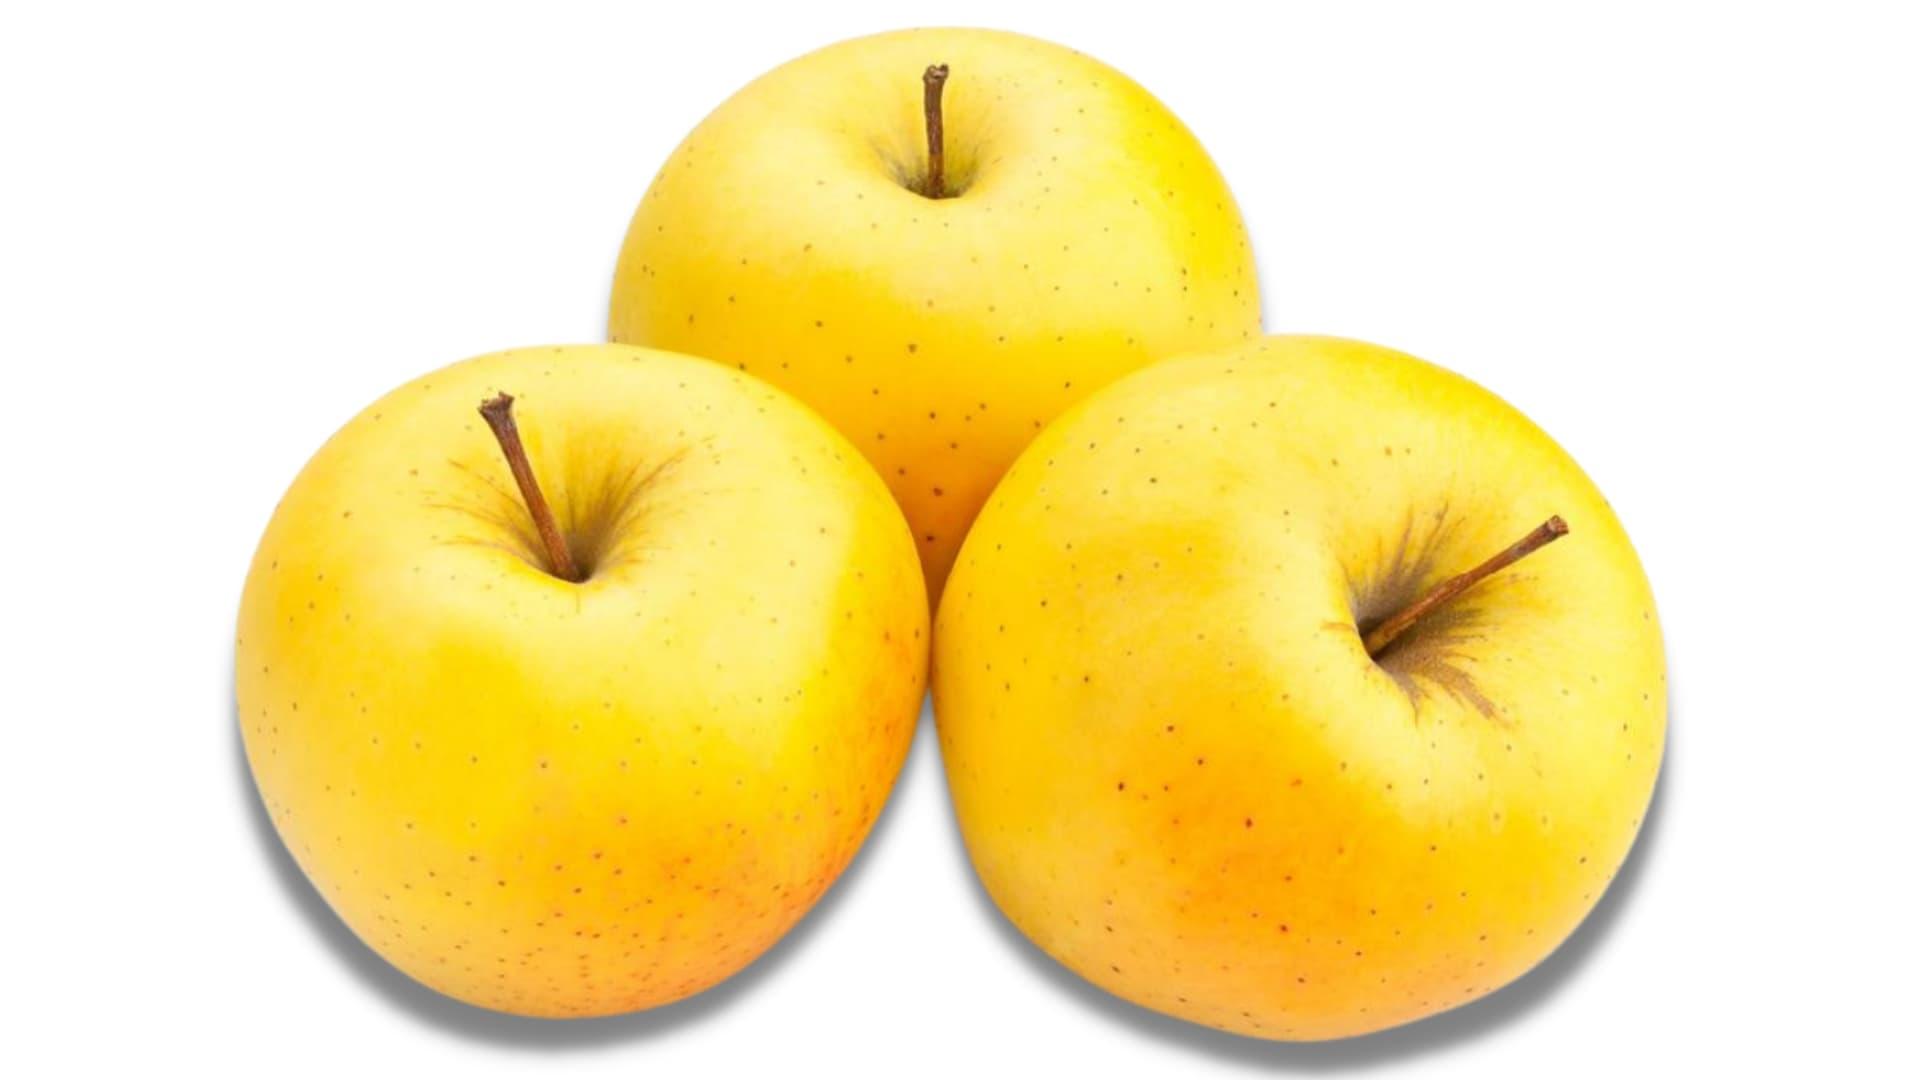 Golden Balanced Apples